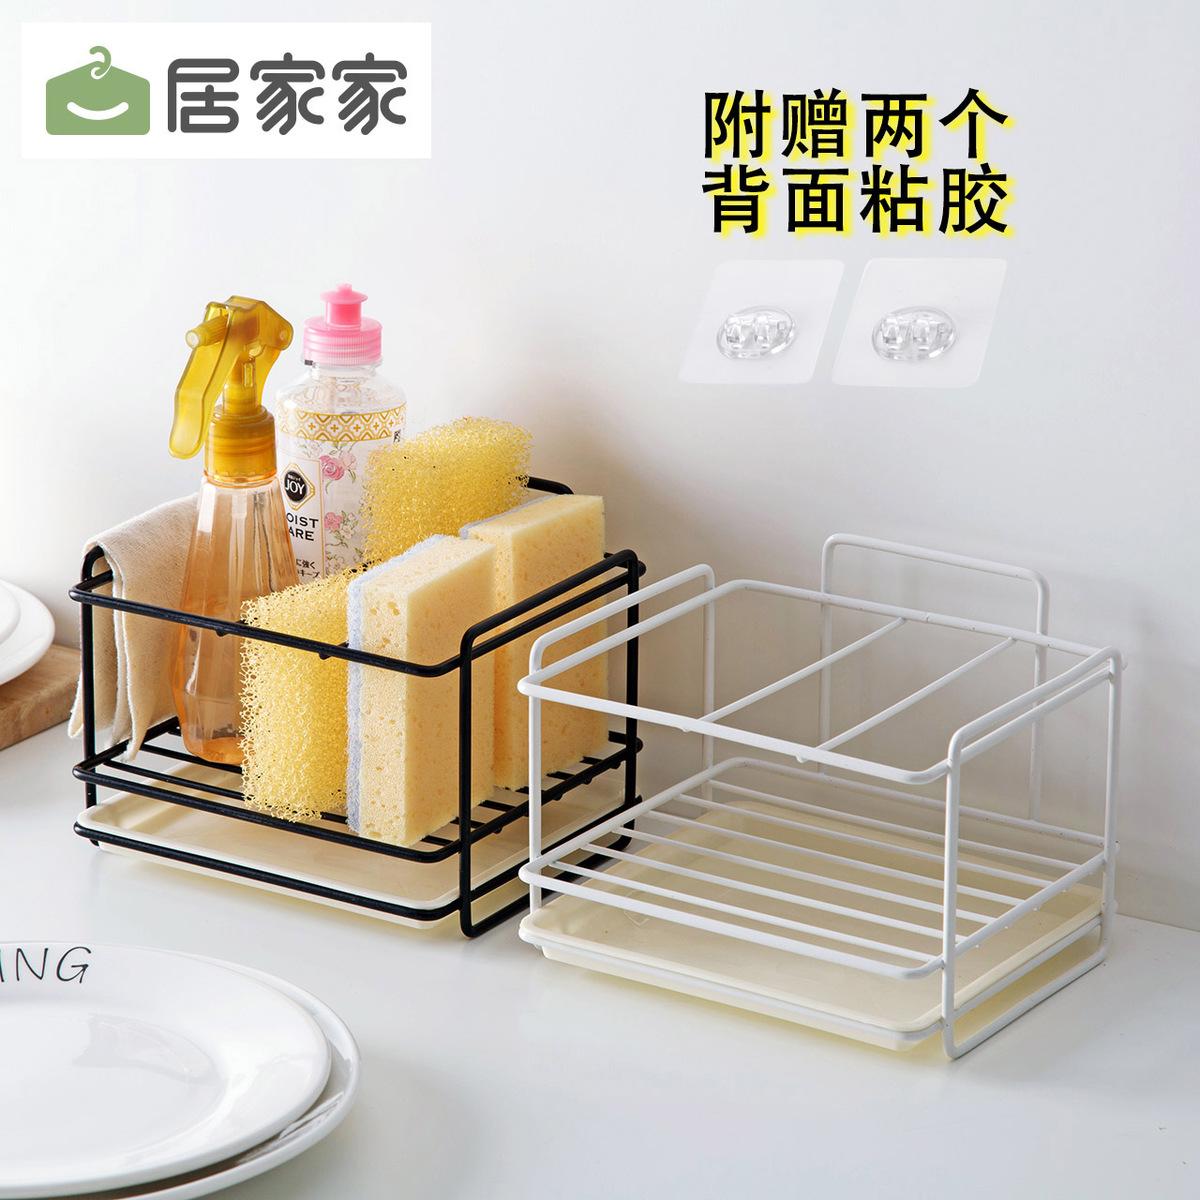 居家家海绵沥水收纳架水池置物架厨房台面杂物架水槽餐具抹布架子限时2件3折